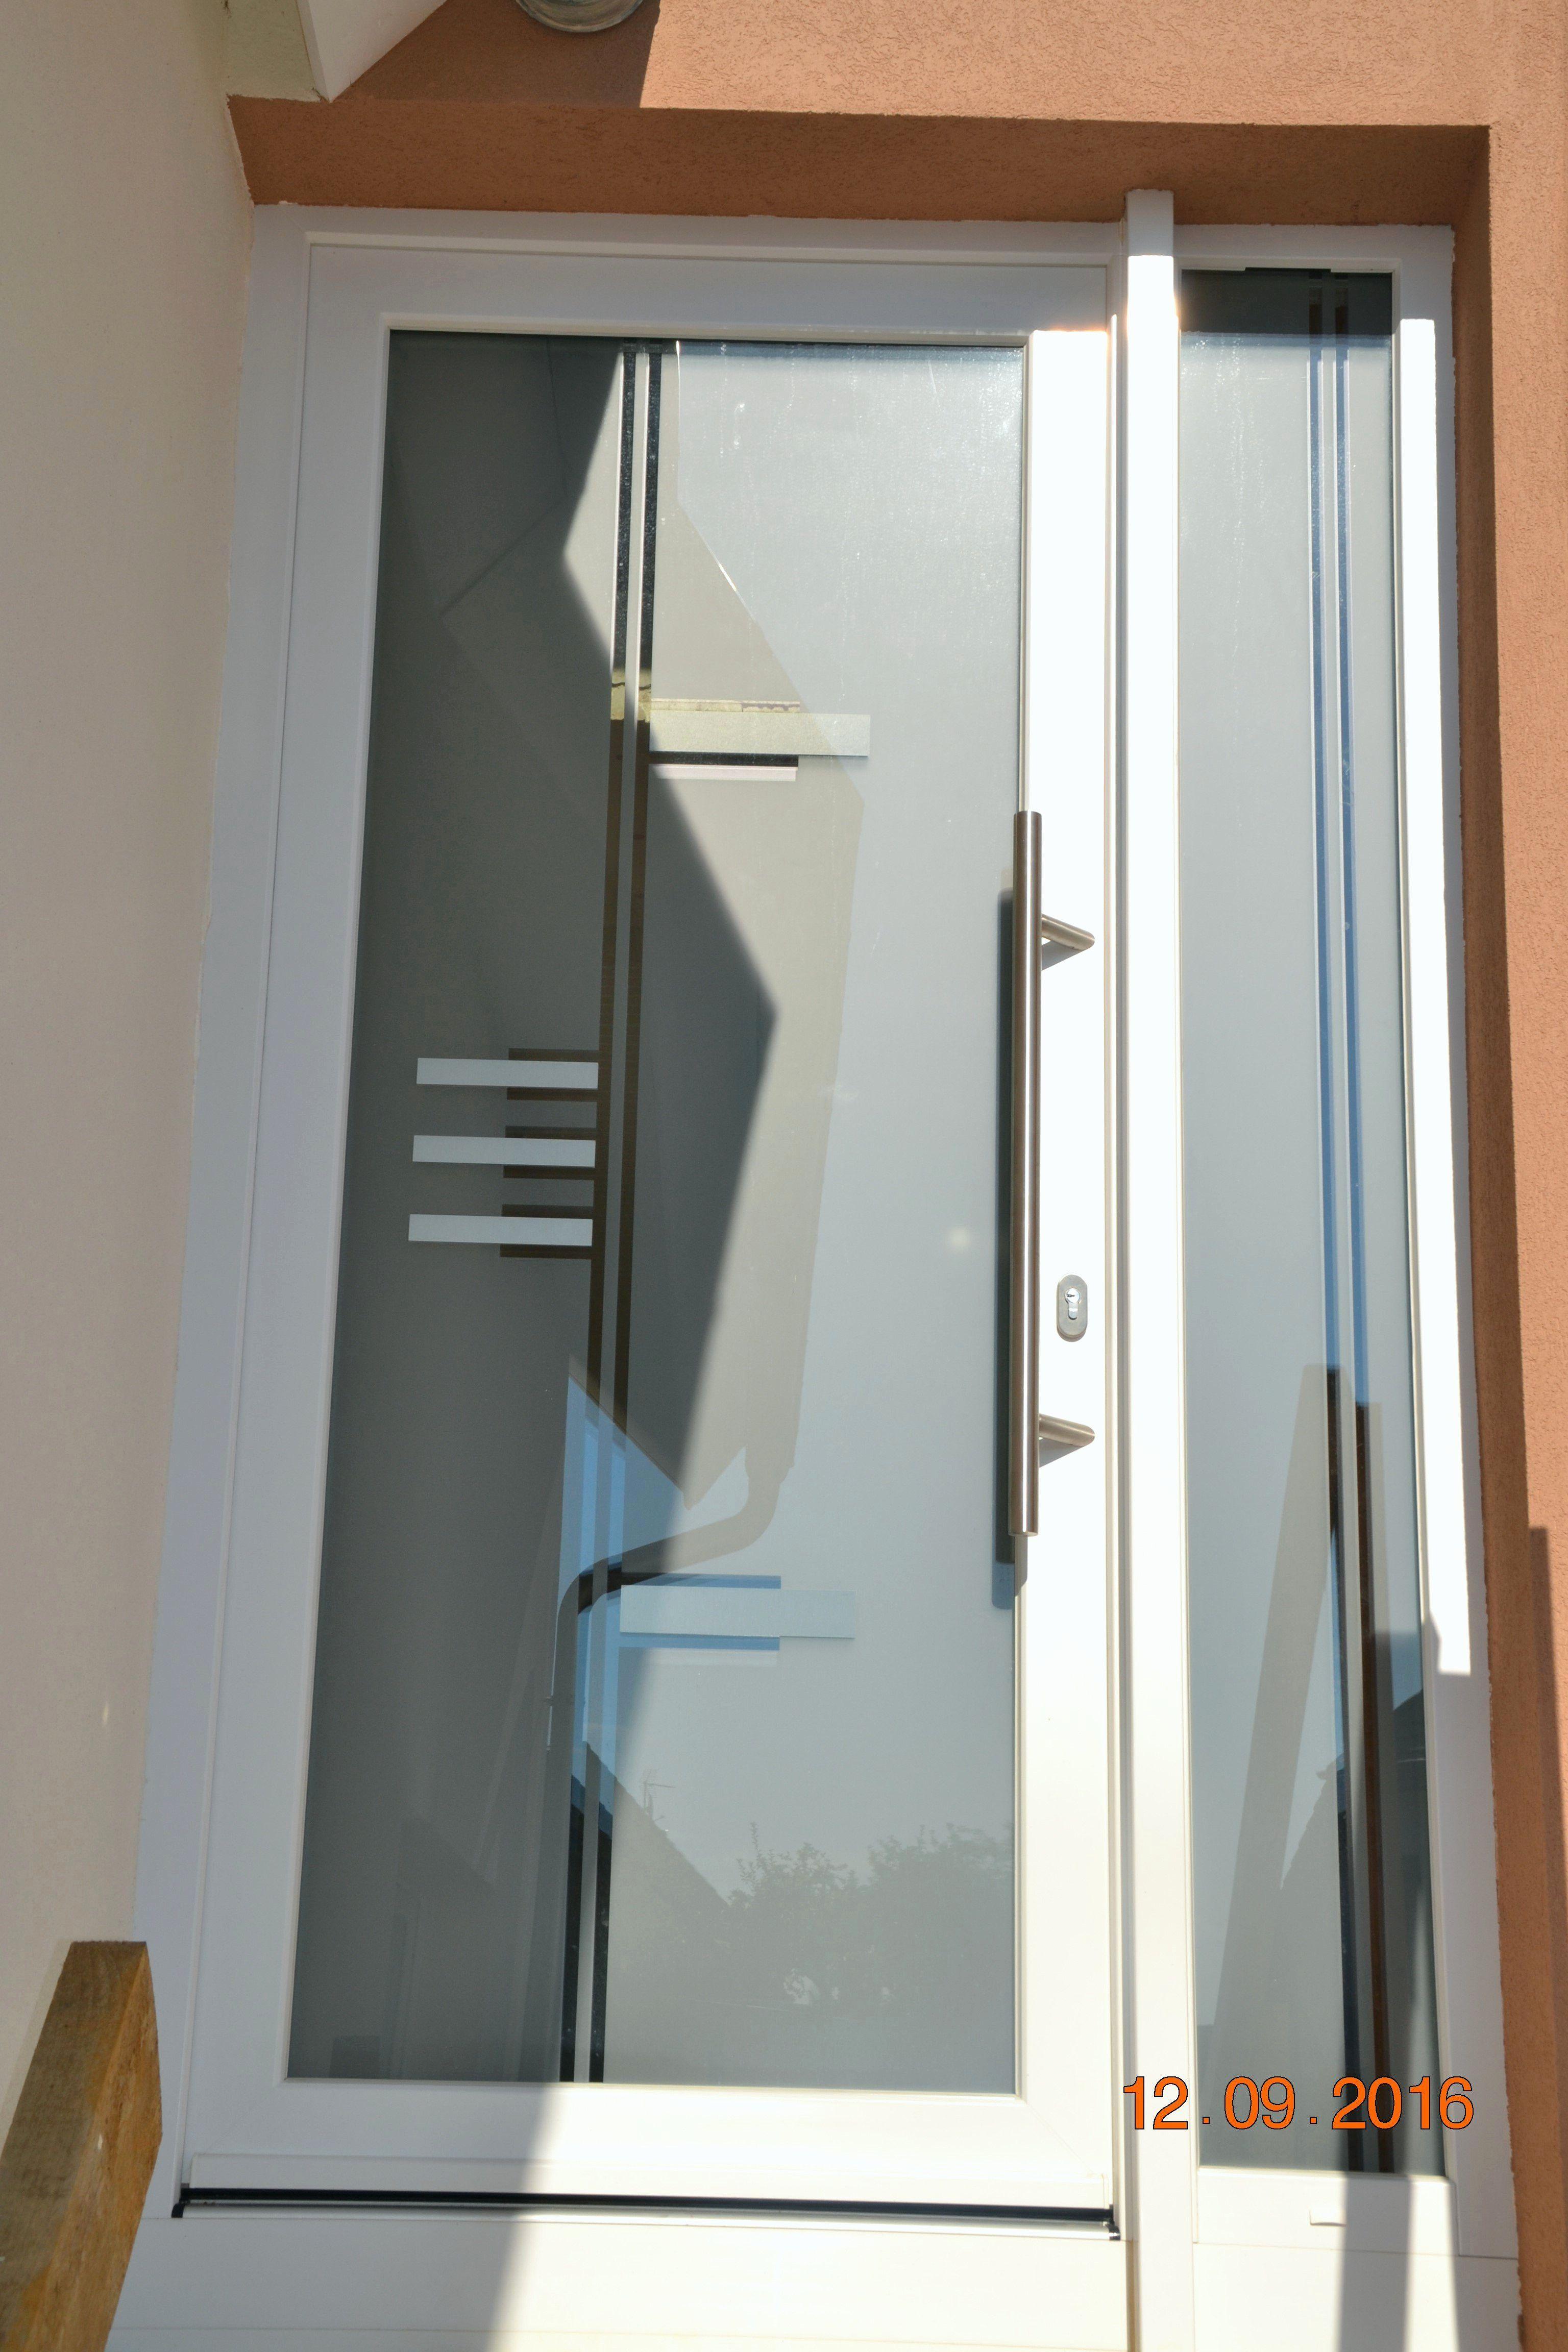 Lovely Porte Fenetre Pvc Occasion Idées De Maison Porte Fenetre